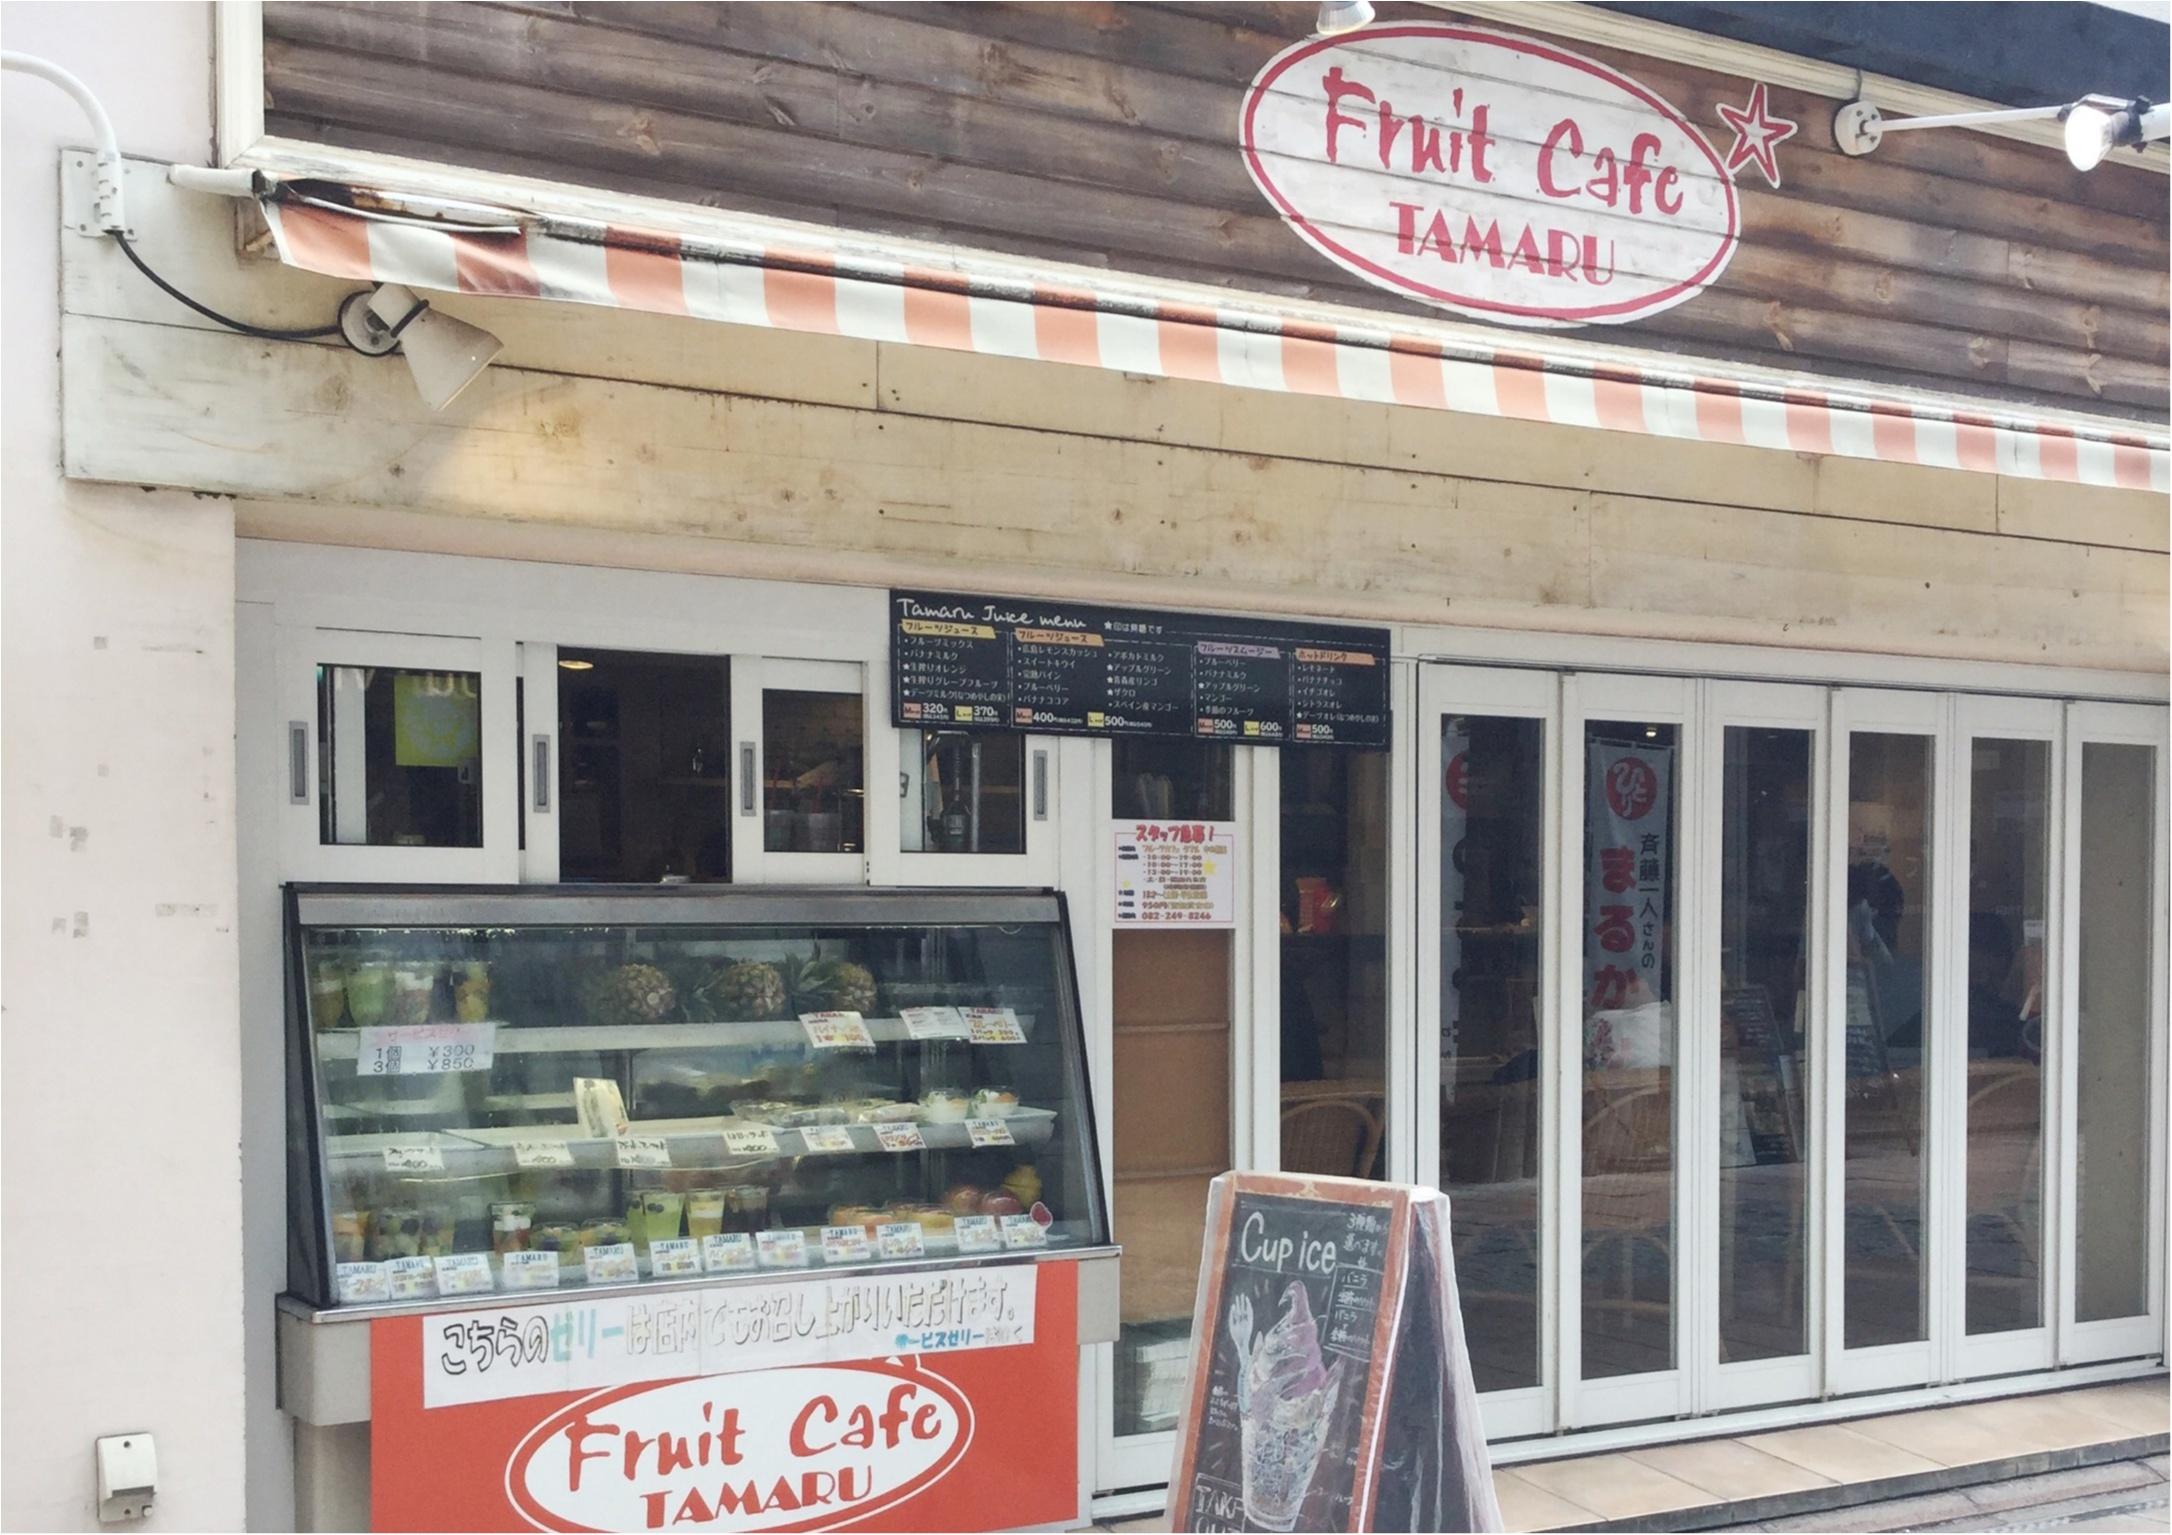 【ご当地スイーツ】広島に来たらやっぱり立ち寄りたい《Fruit Cafe TAMARU(タマル)》名物パフェ&季節限定いちじくパフェを召し上がれ♡_1